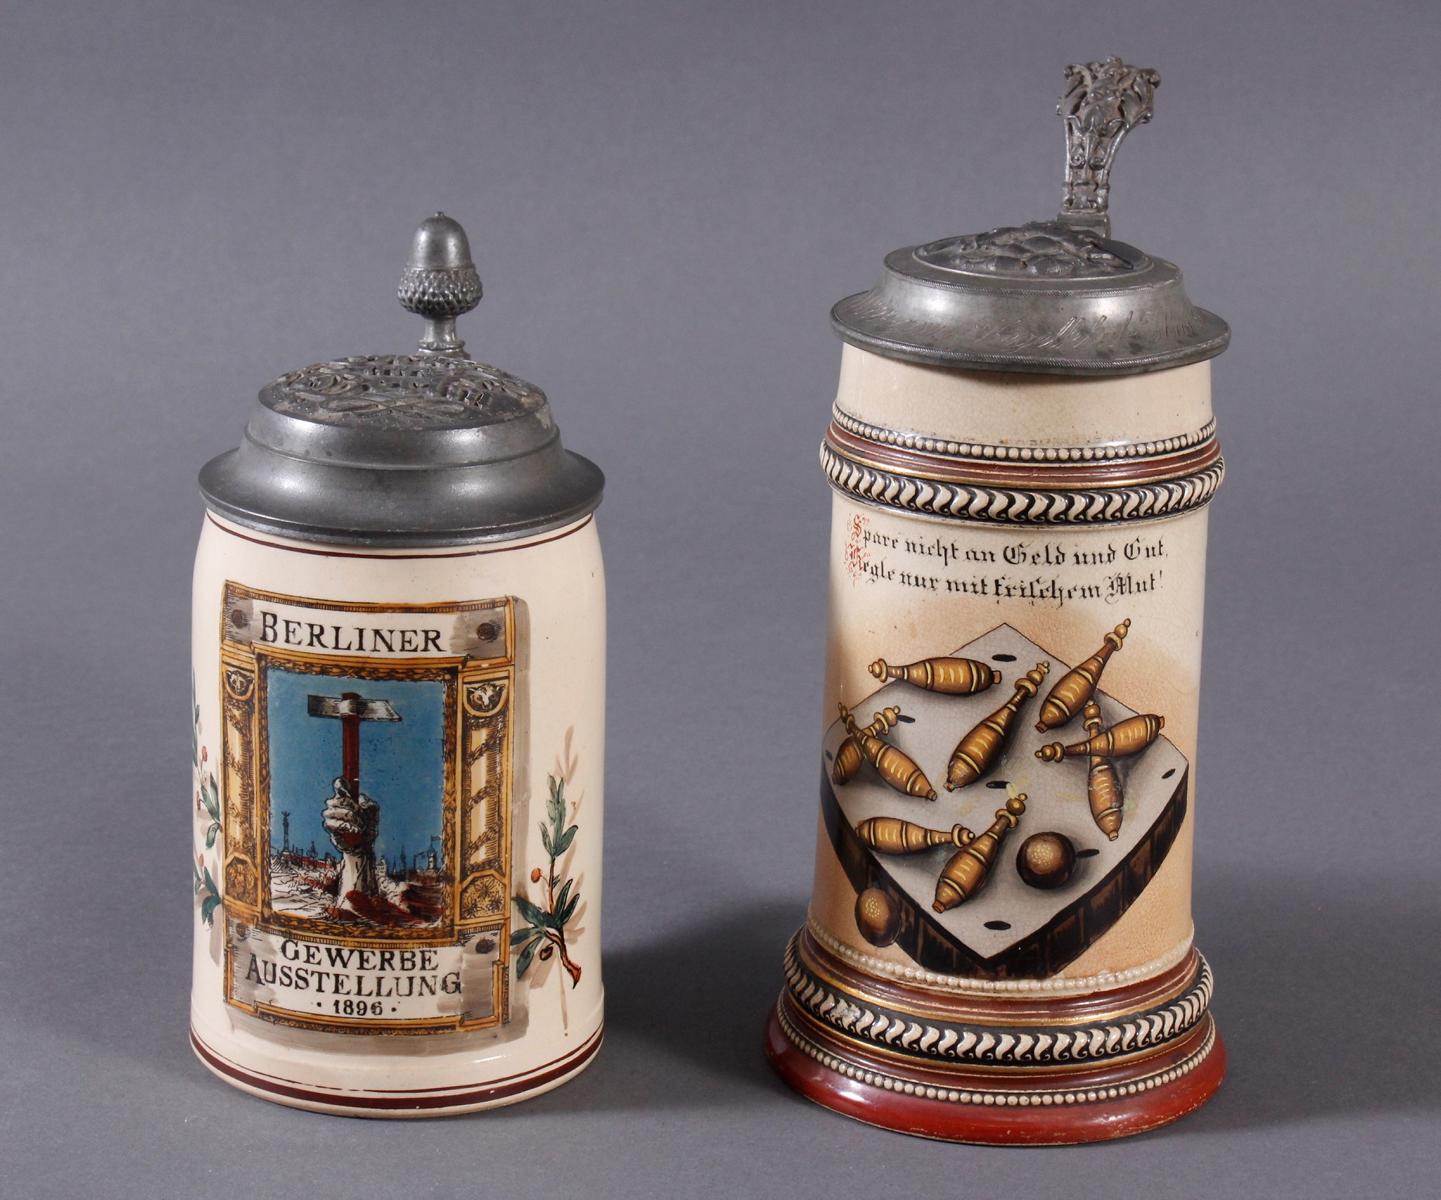 2 Keramikkrüge um 1900, Kegeln und Gewerbeausstellung